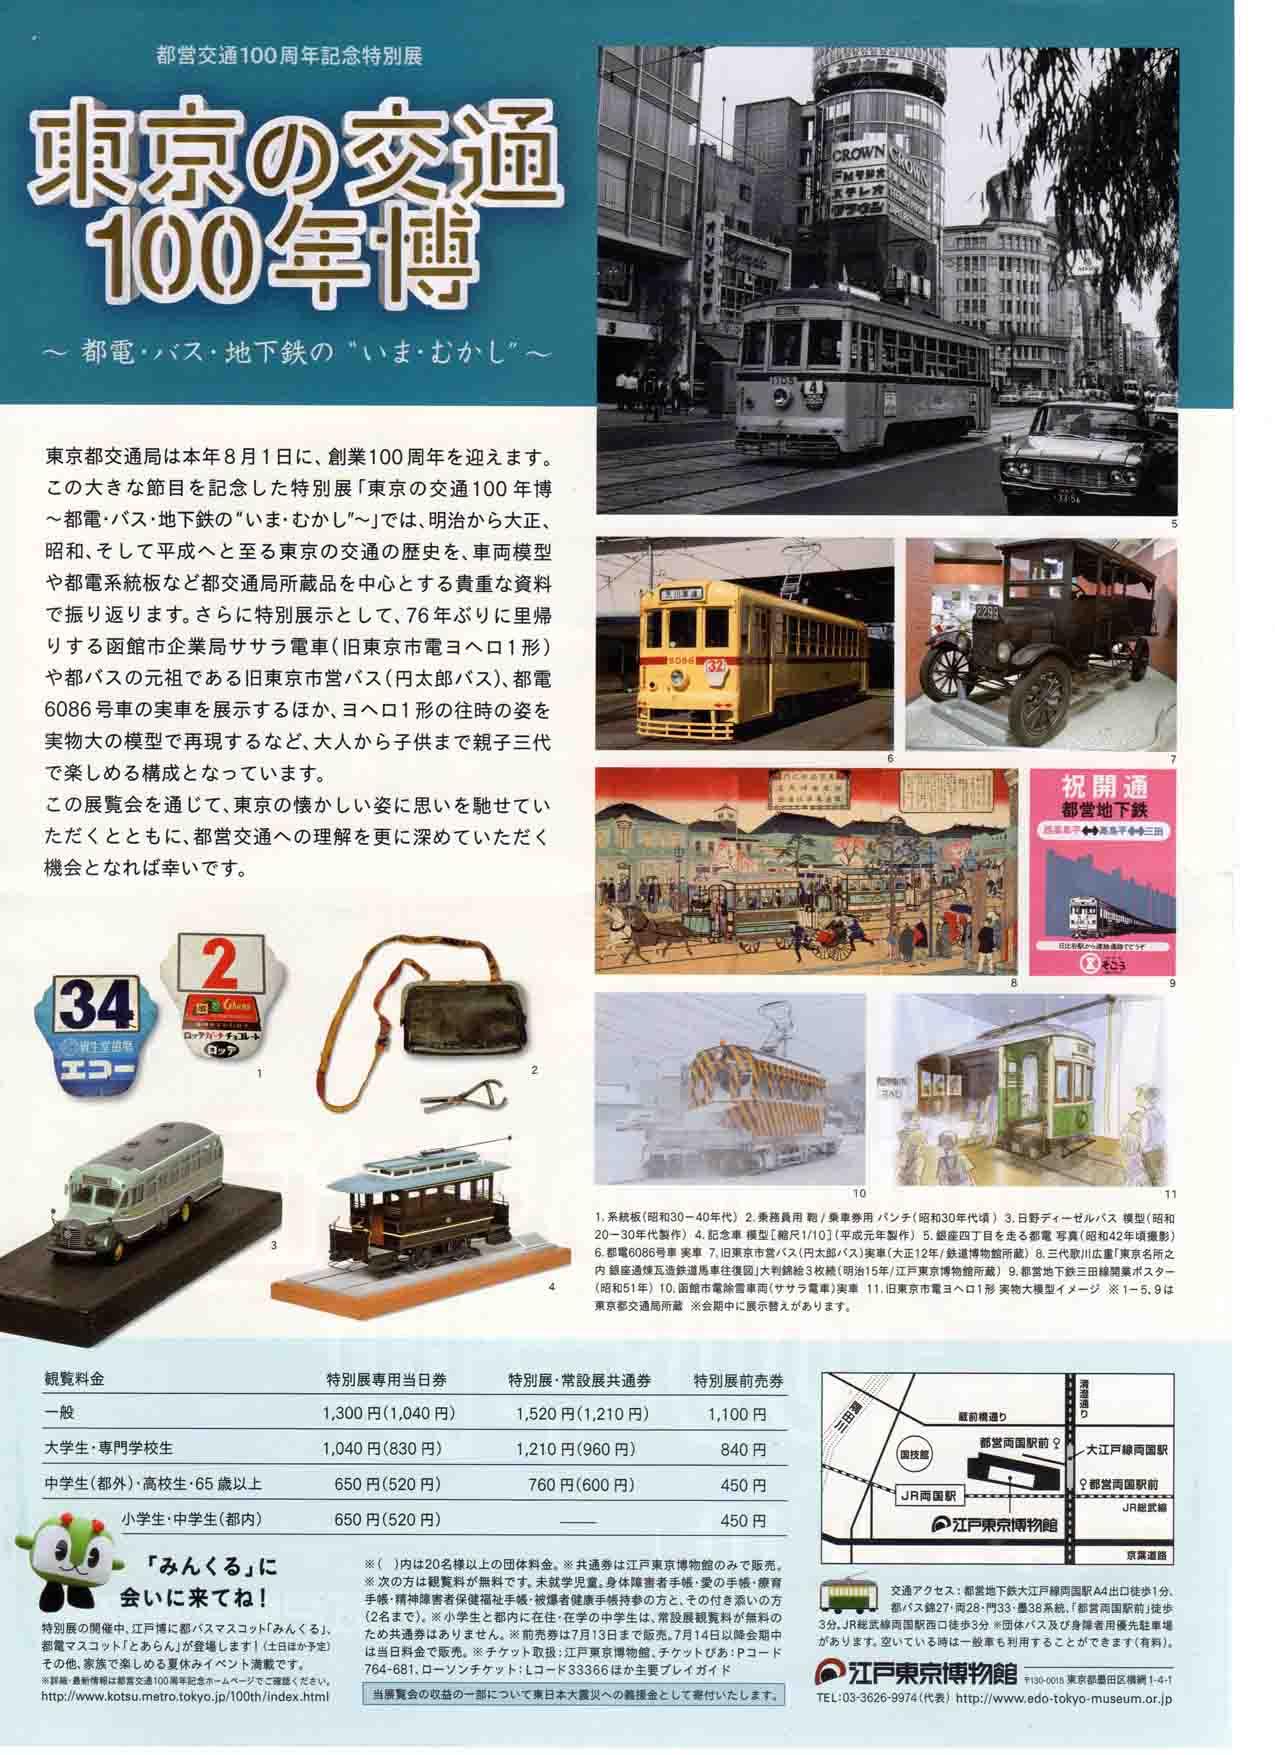 東京の交通100年博002A